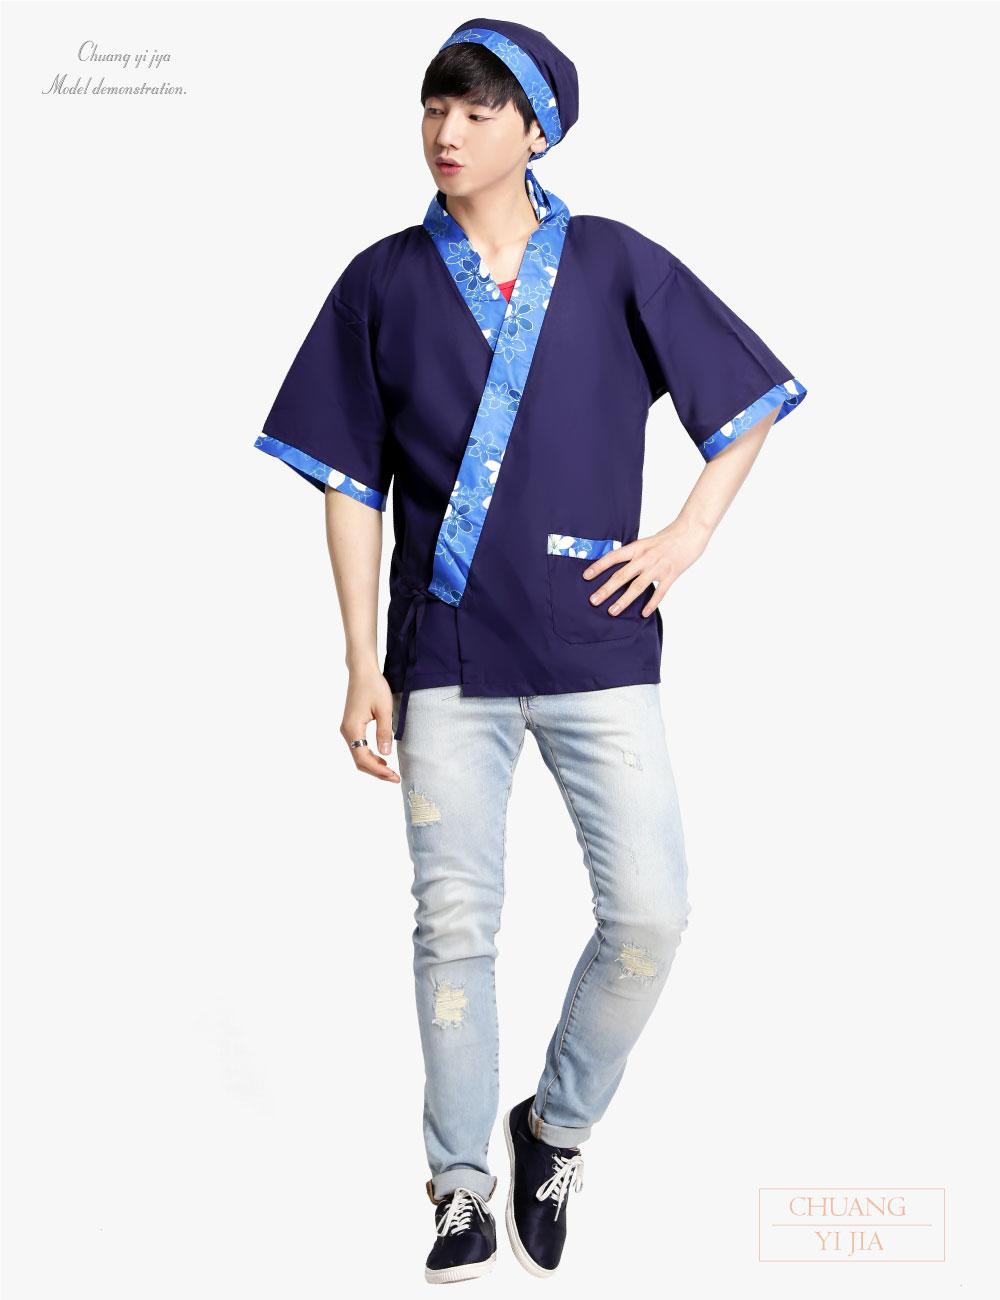 創意家團體服,台灣生產製造,廚師服,專業廚師服,料理服,餐飲廚師服,飯店廚師服,餐廳廚師服,日式廚師服,證照廚師服,日式料理服,日式餐飲服